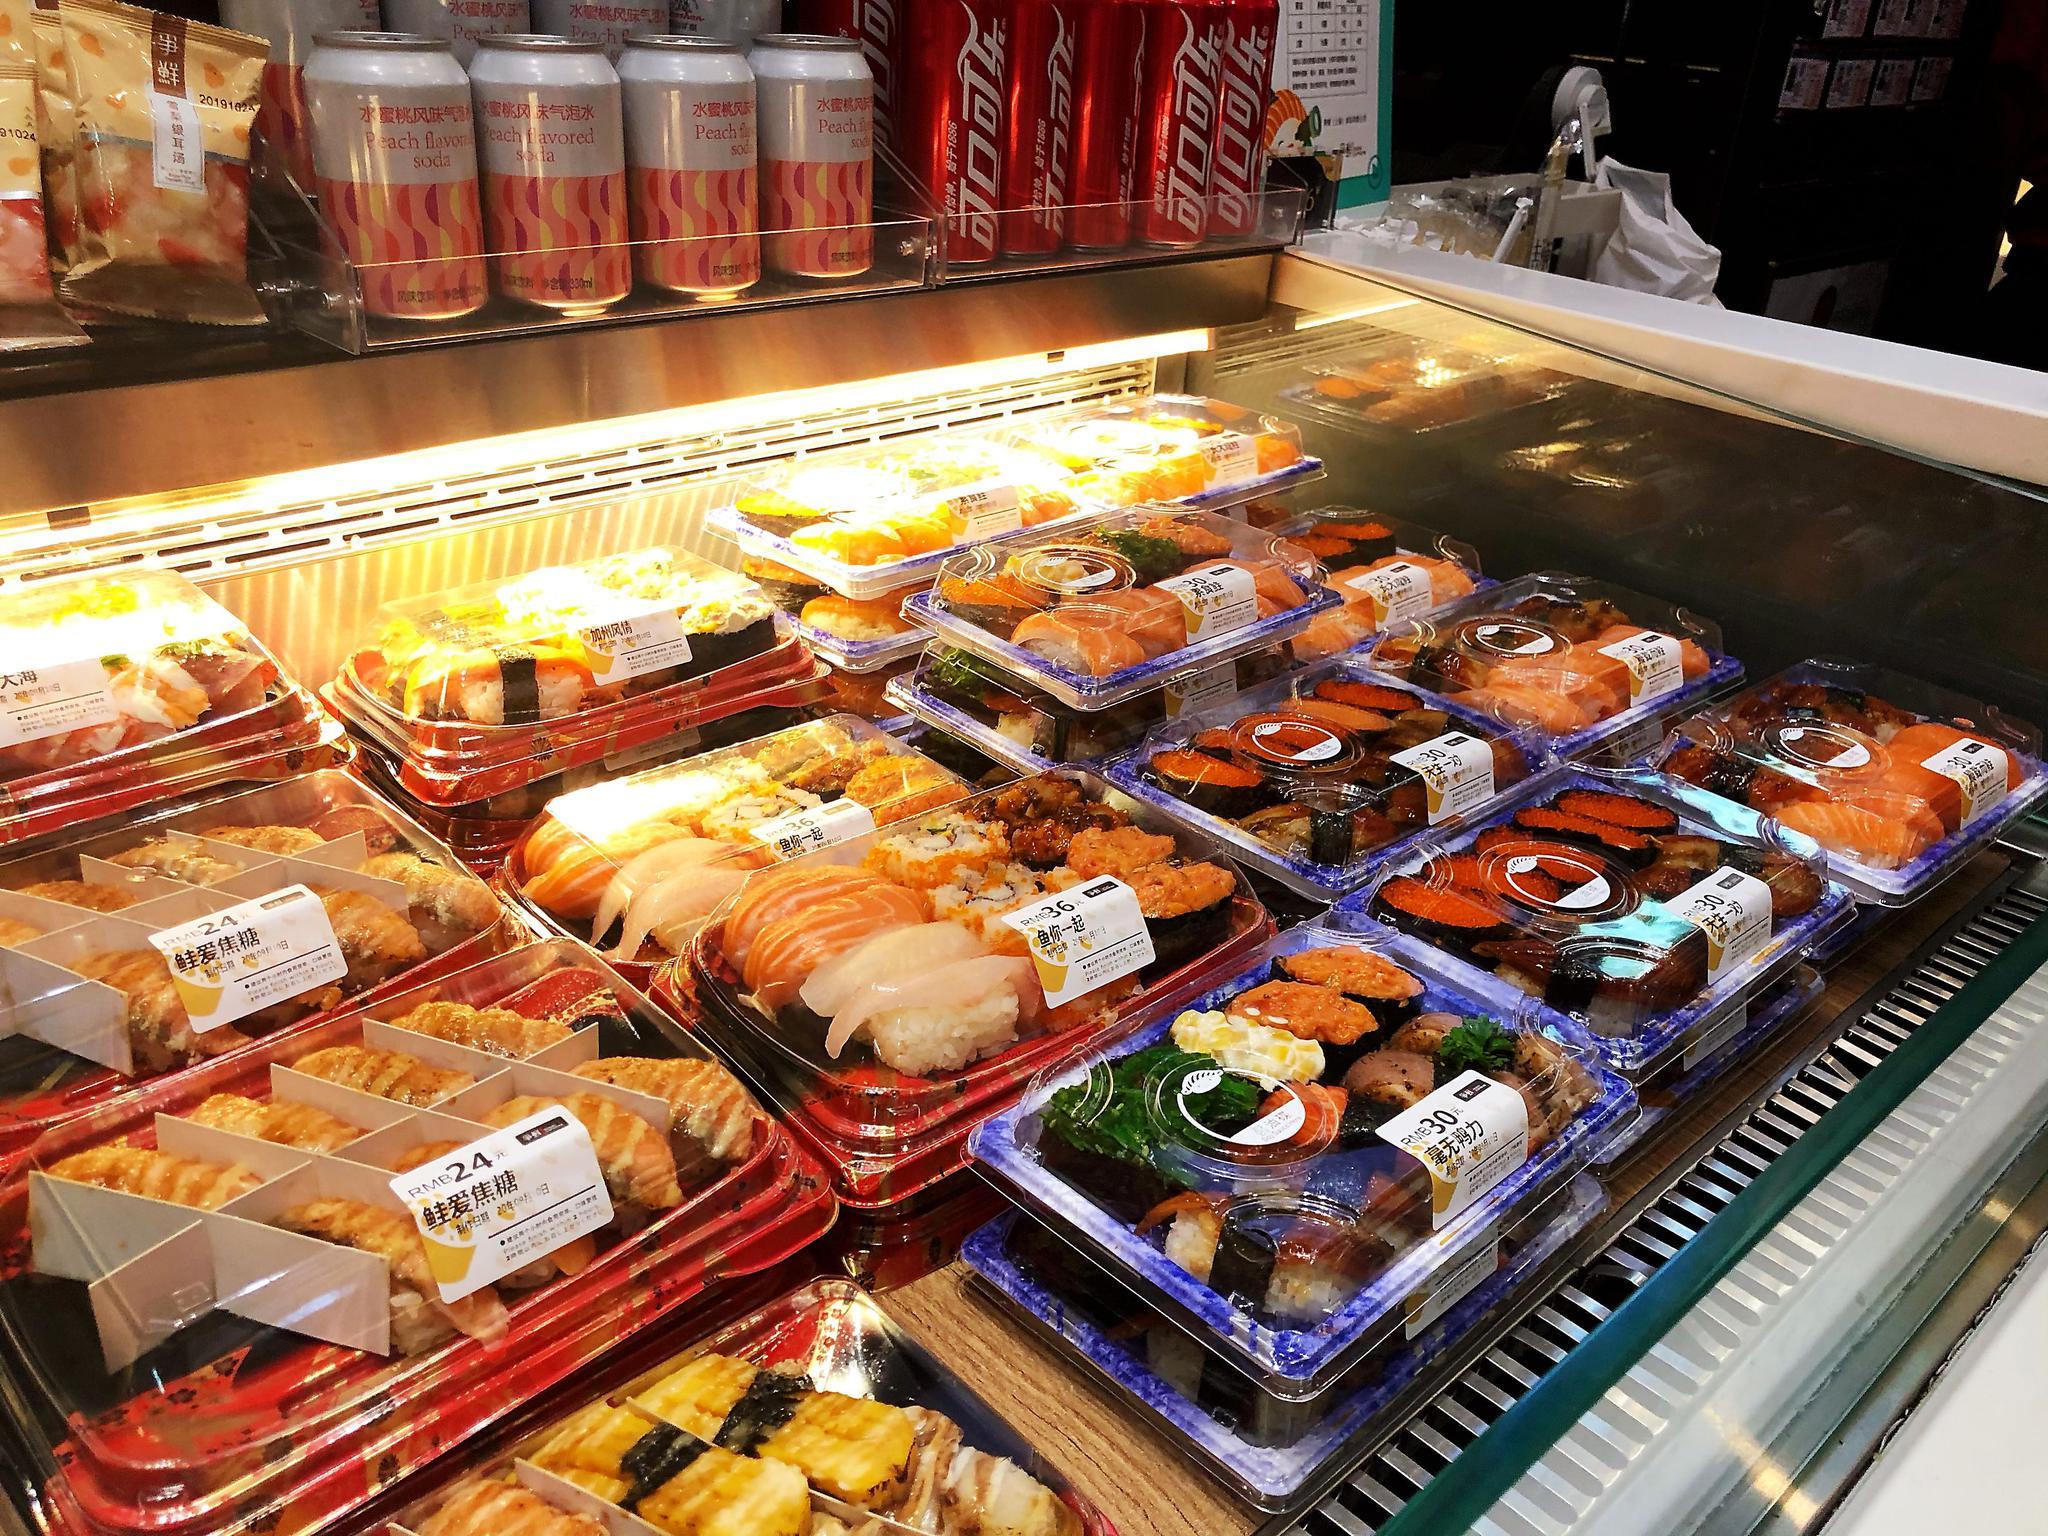 三文鱼回归受待见吗?实地探访19家日料店、超市、互联网平台图片